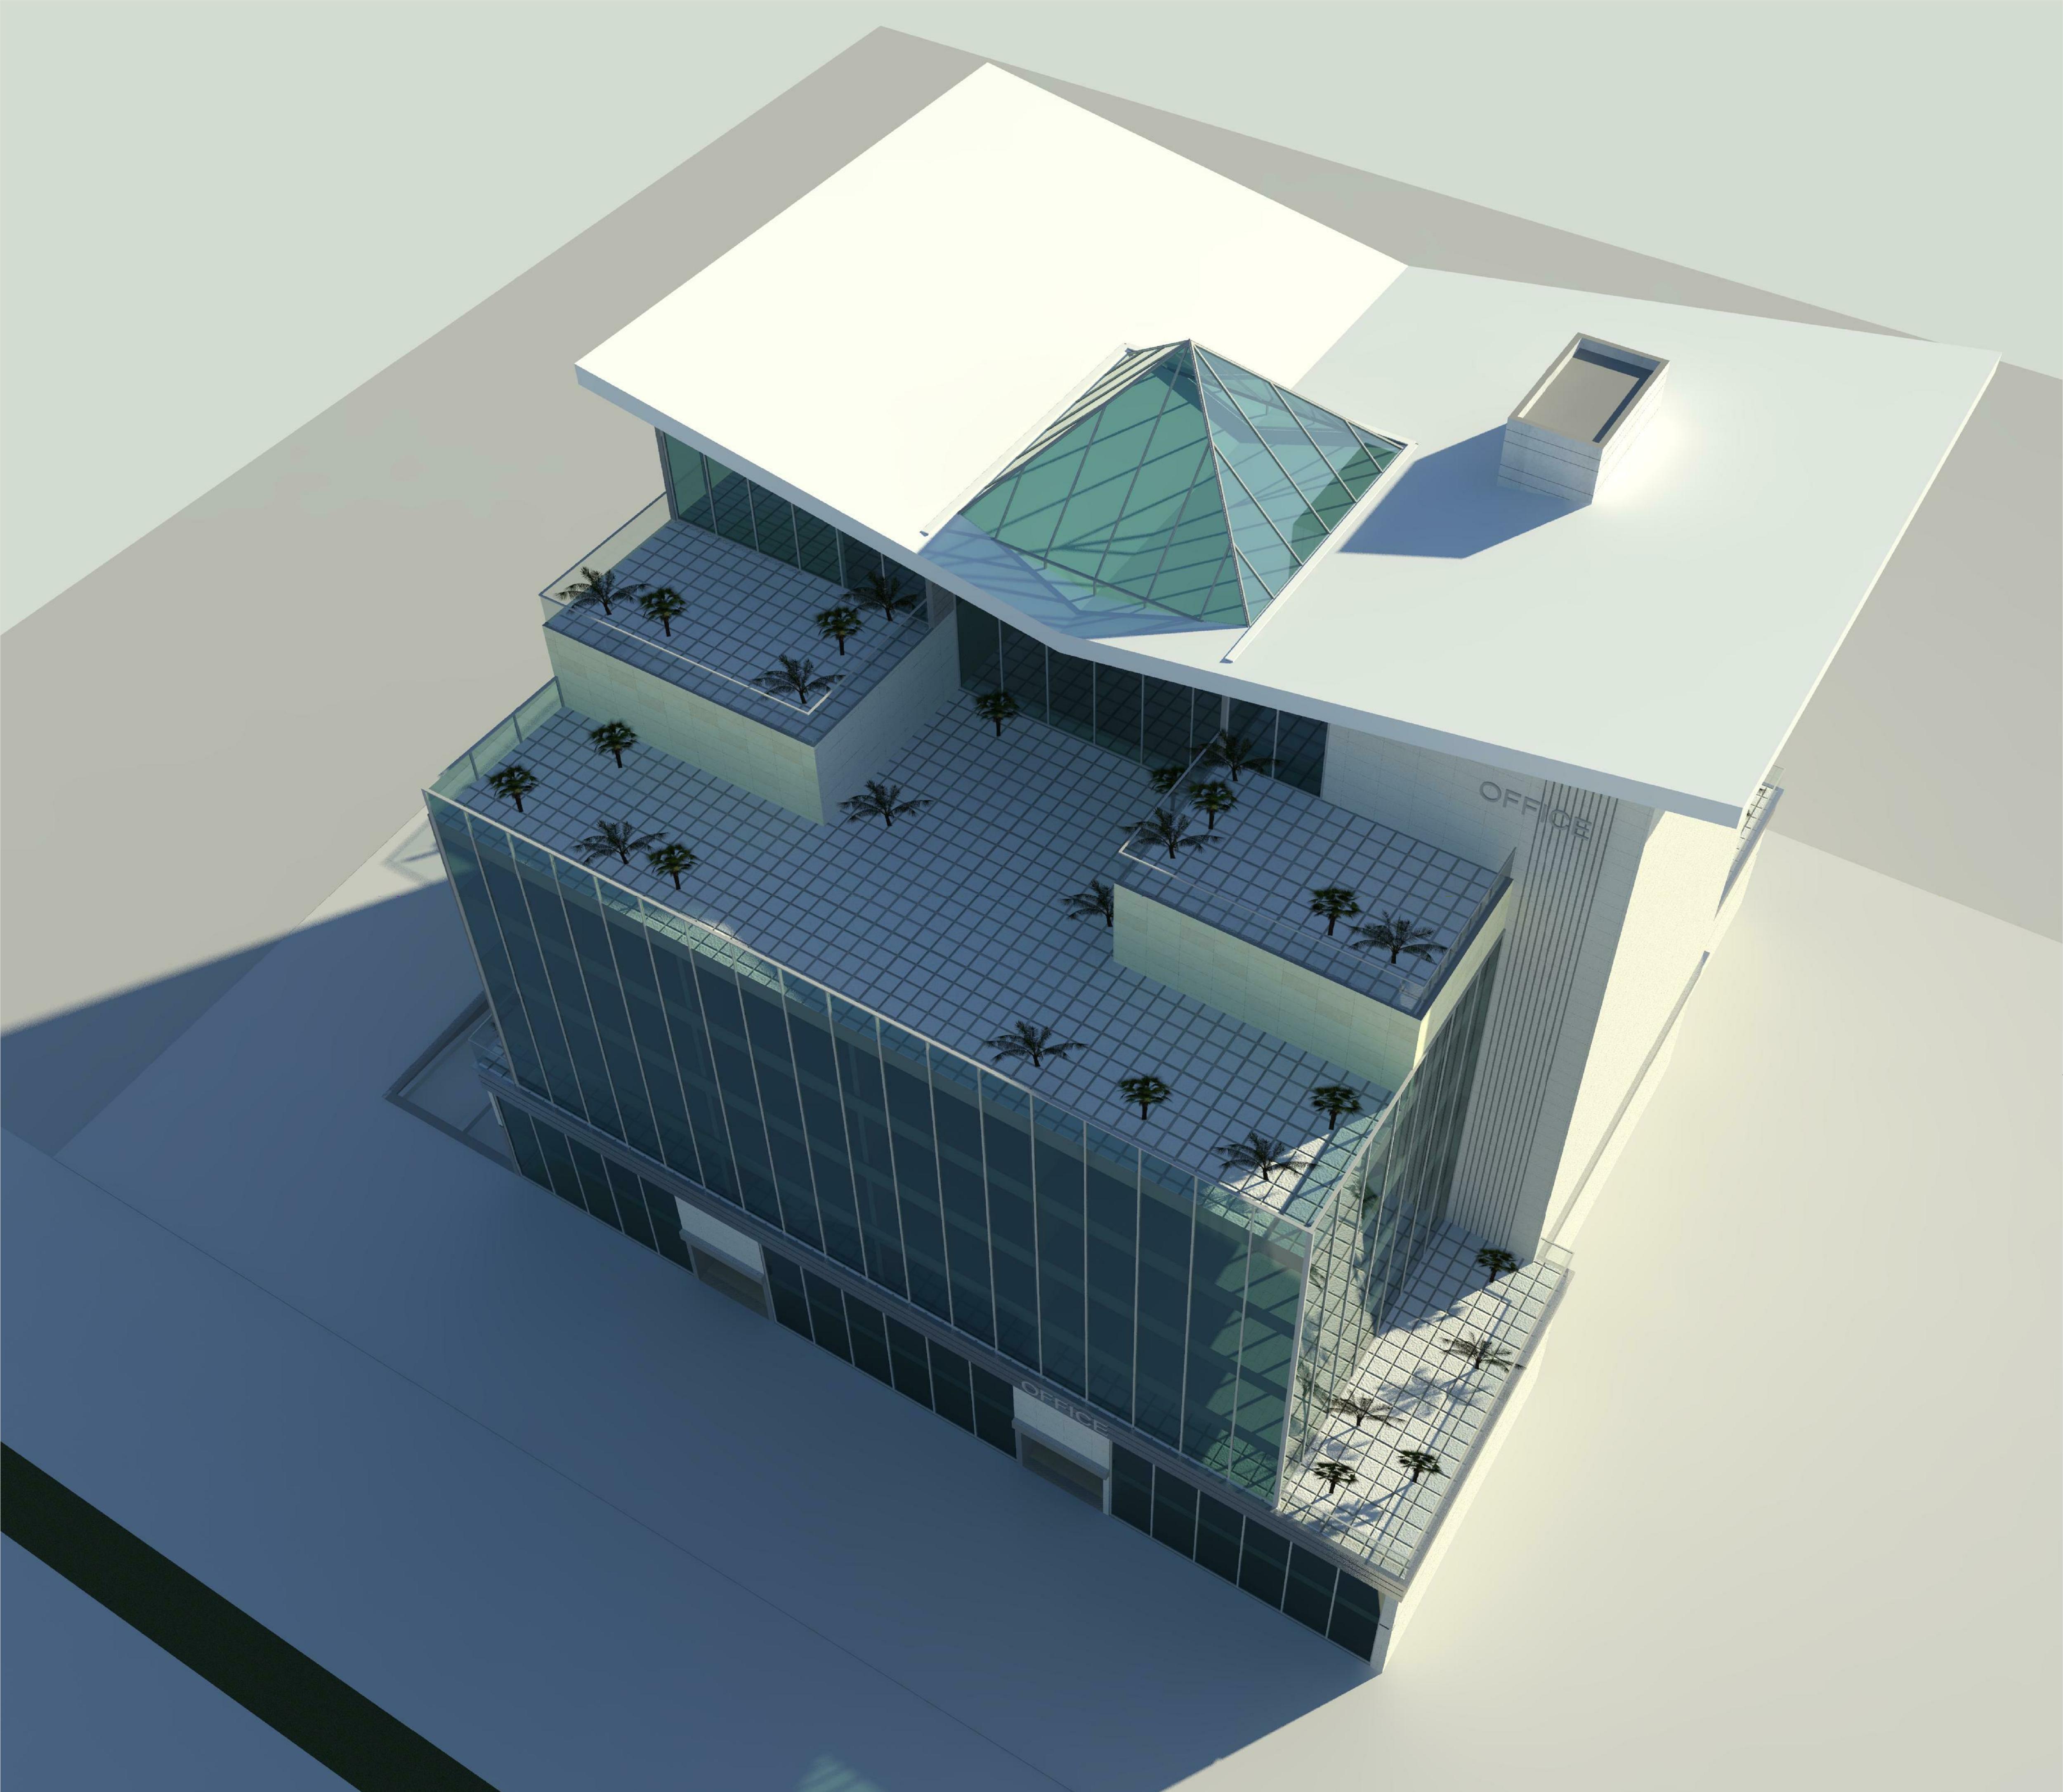 לישנסקי 8 - Rendering - 3D View 3_1